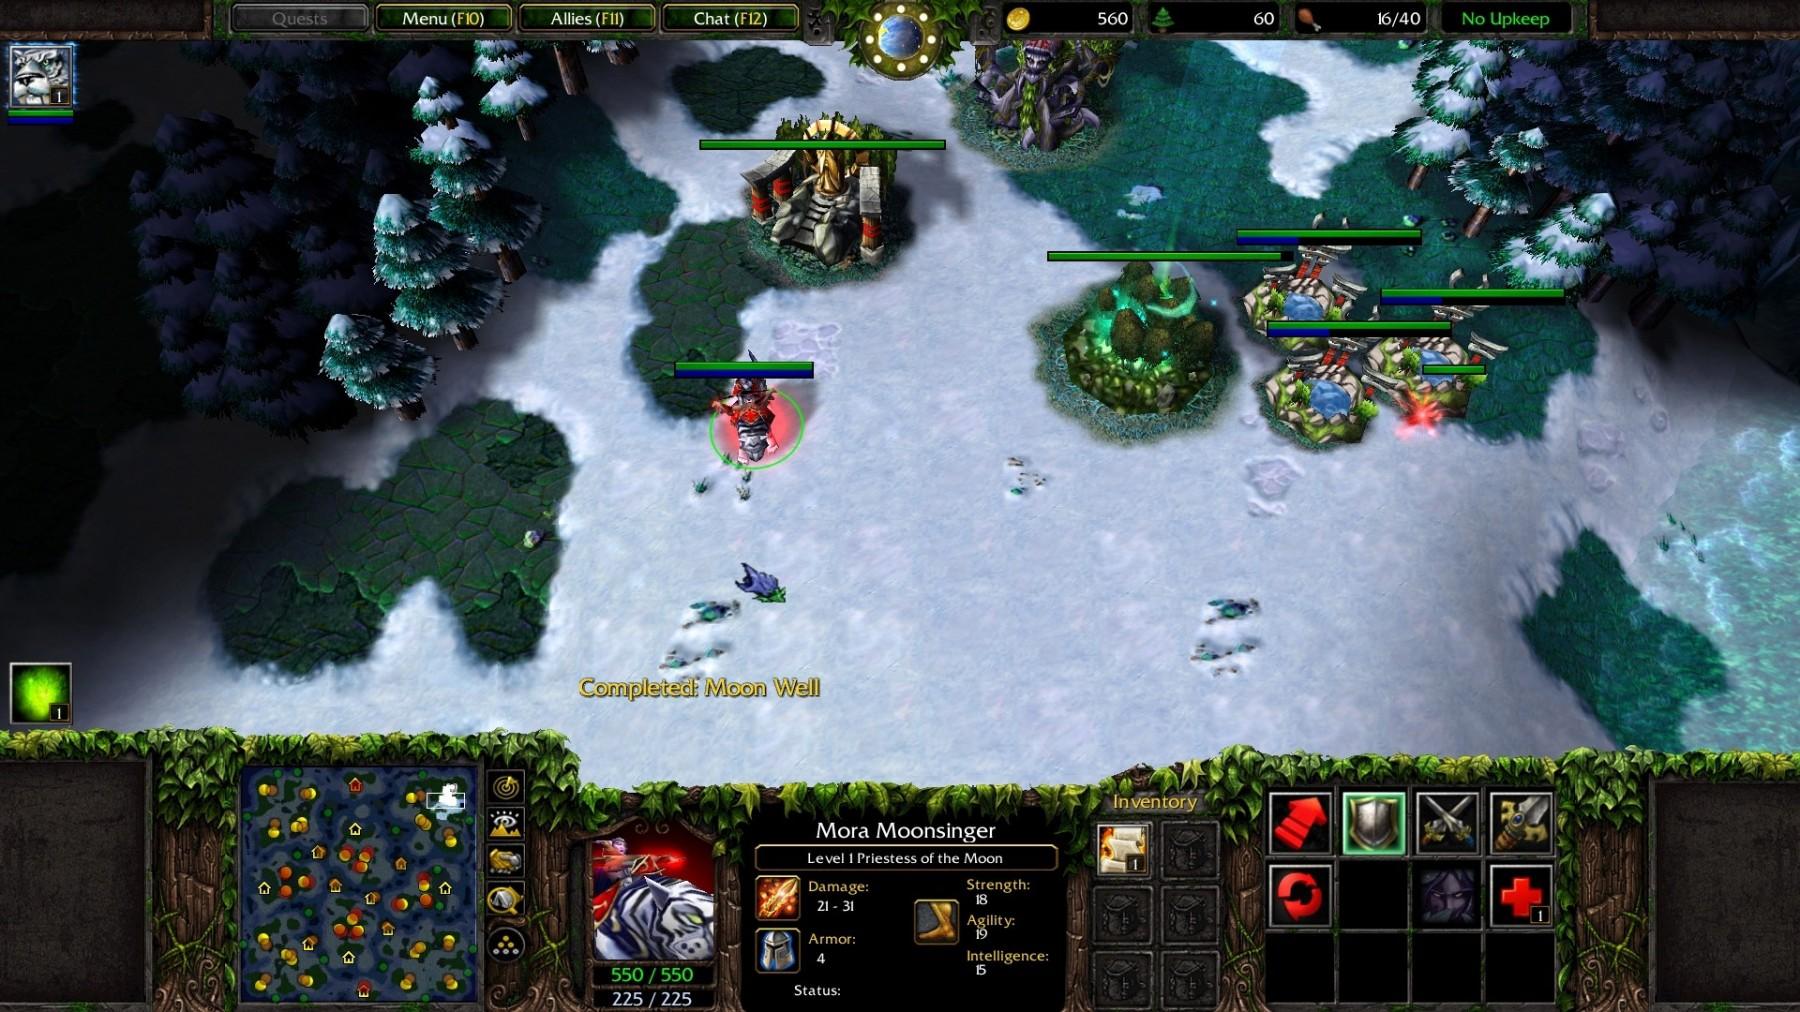 Des améliorations et un mode 16:9 pour Warcraft 3 sur le PTR